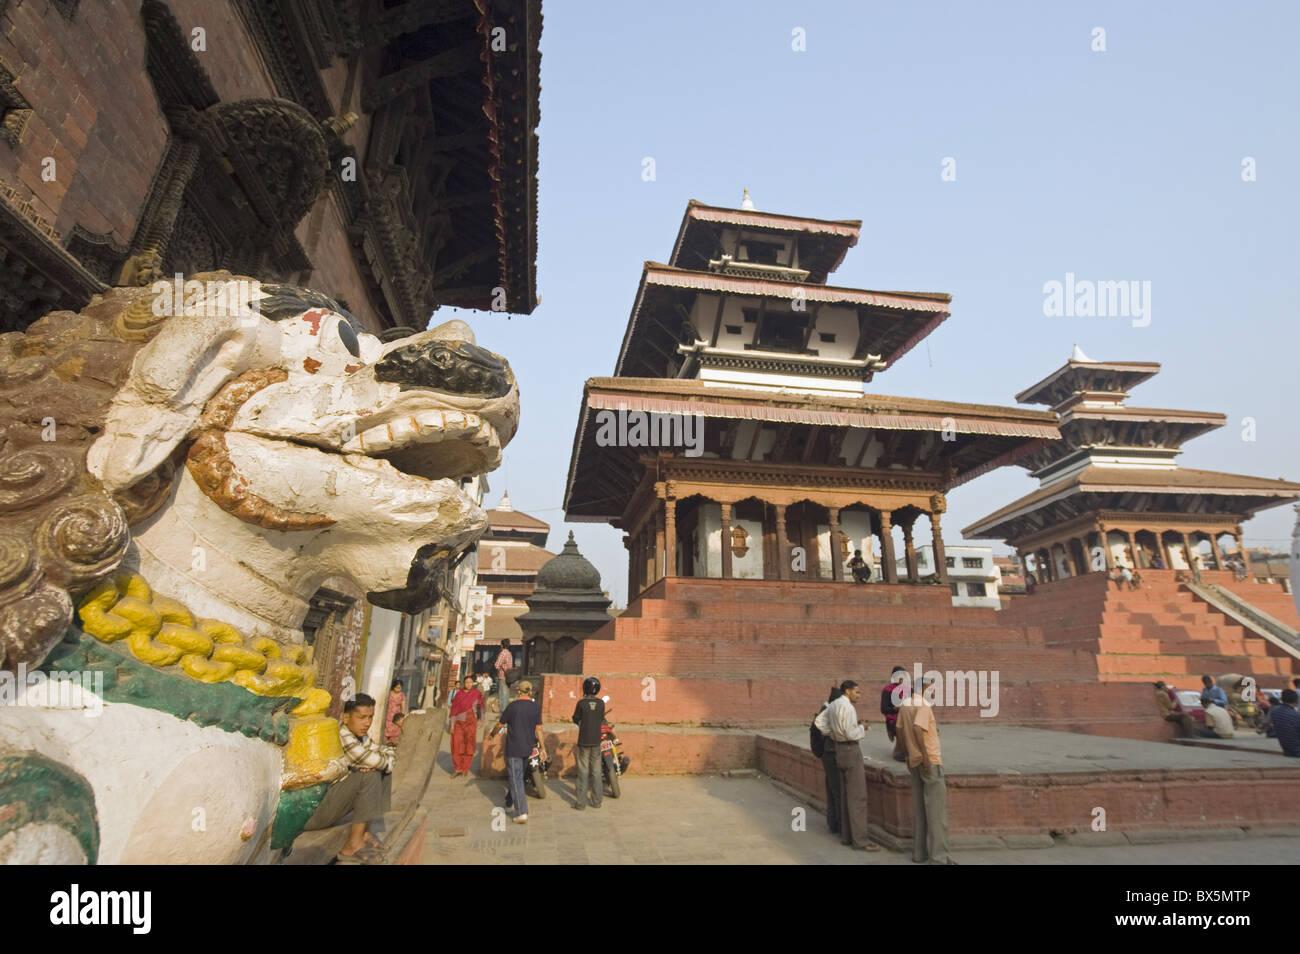 Maju Dega temple, Durbar Square, Kathmandu, Nepal, Asia - Stock Image